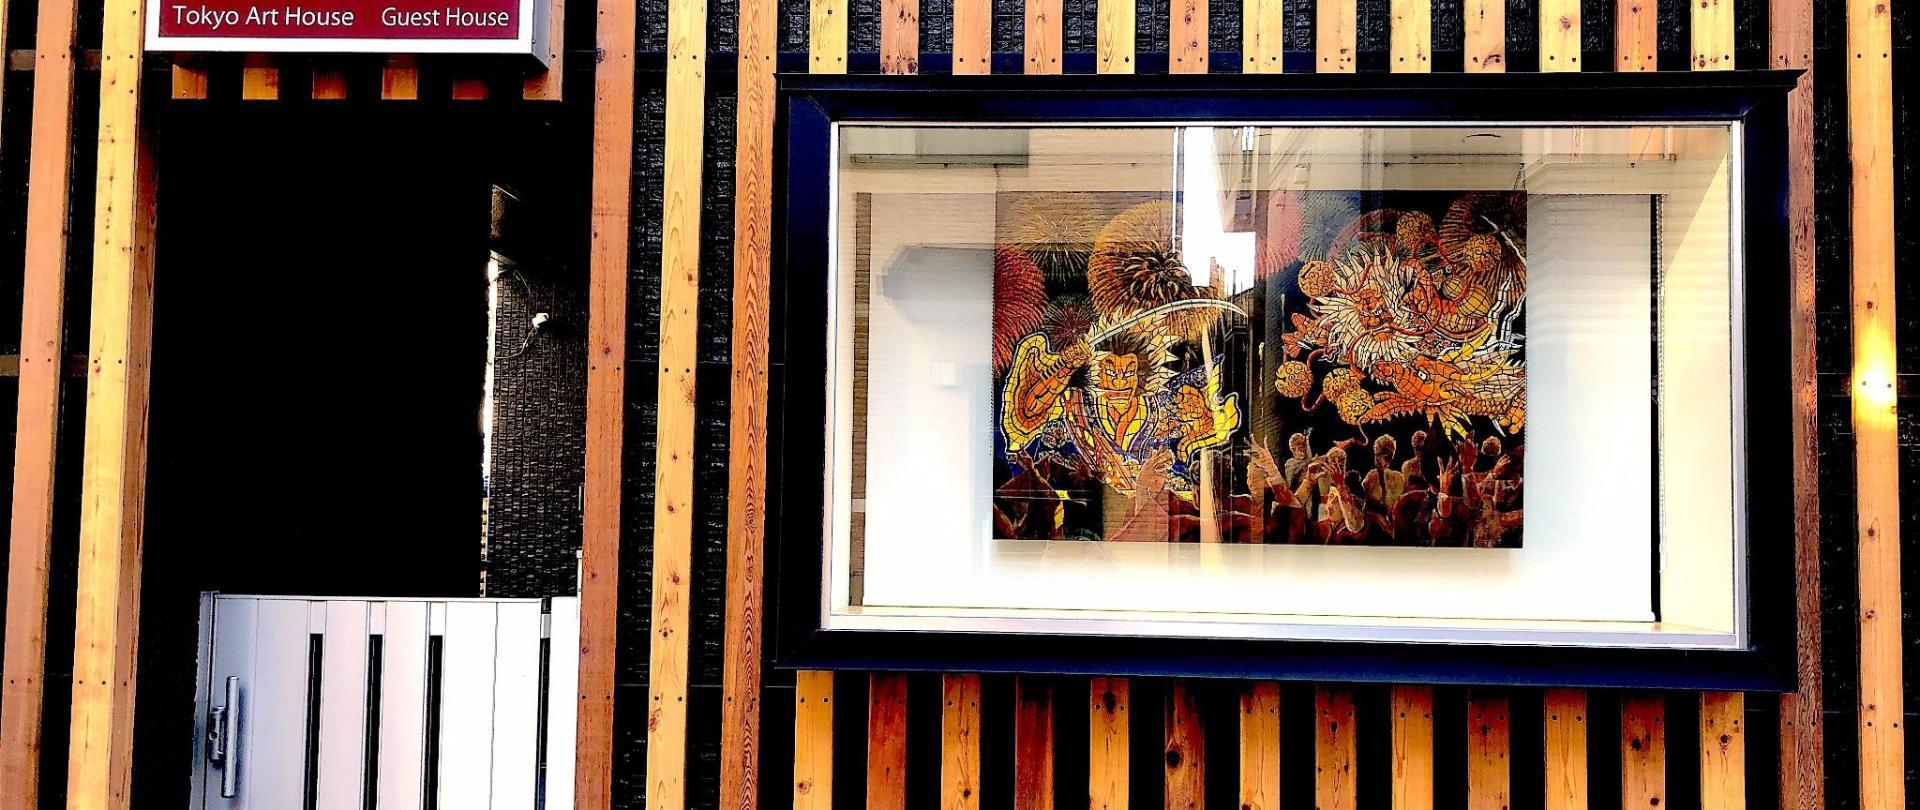 Nhà nghệ thuật Tokyo